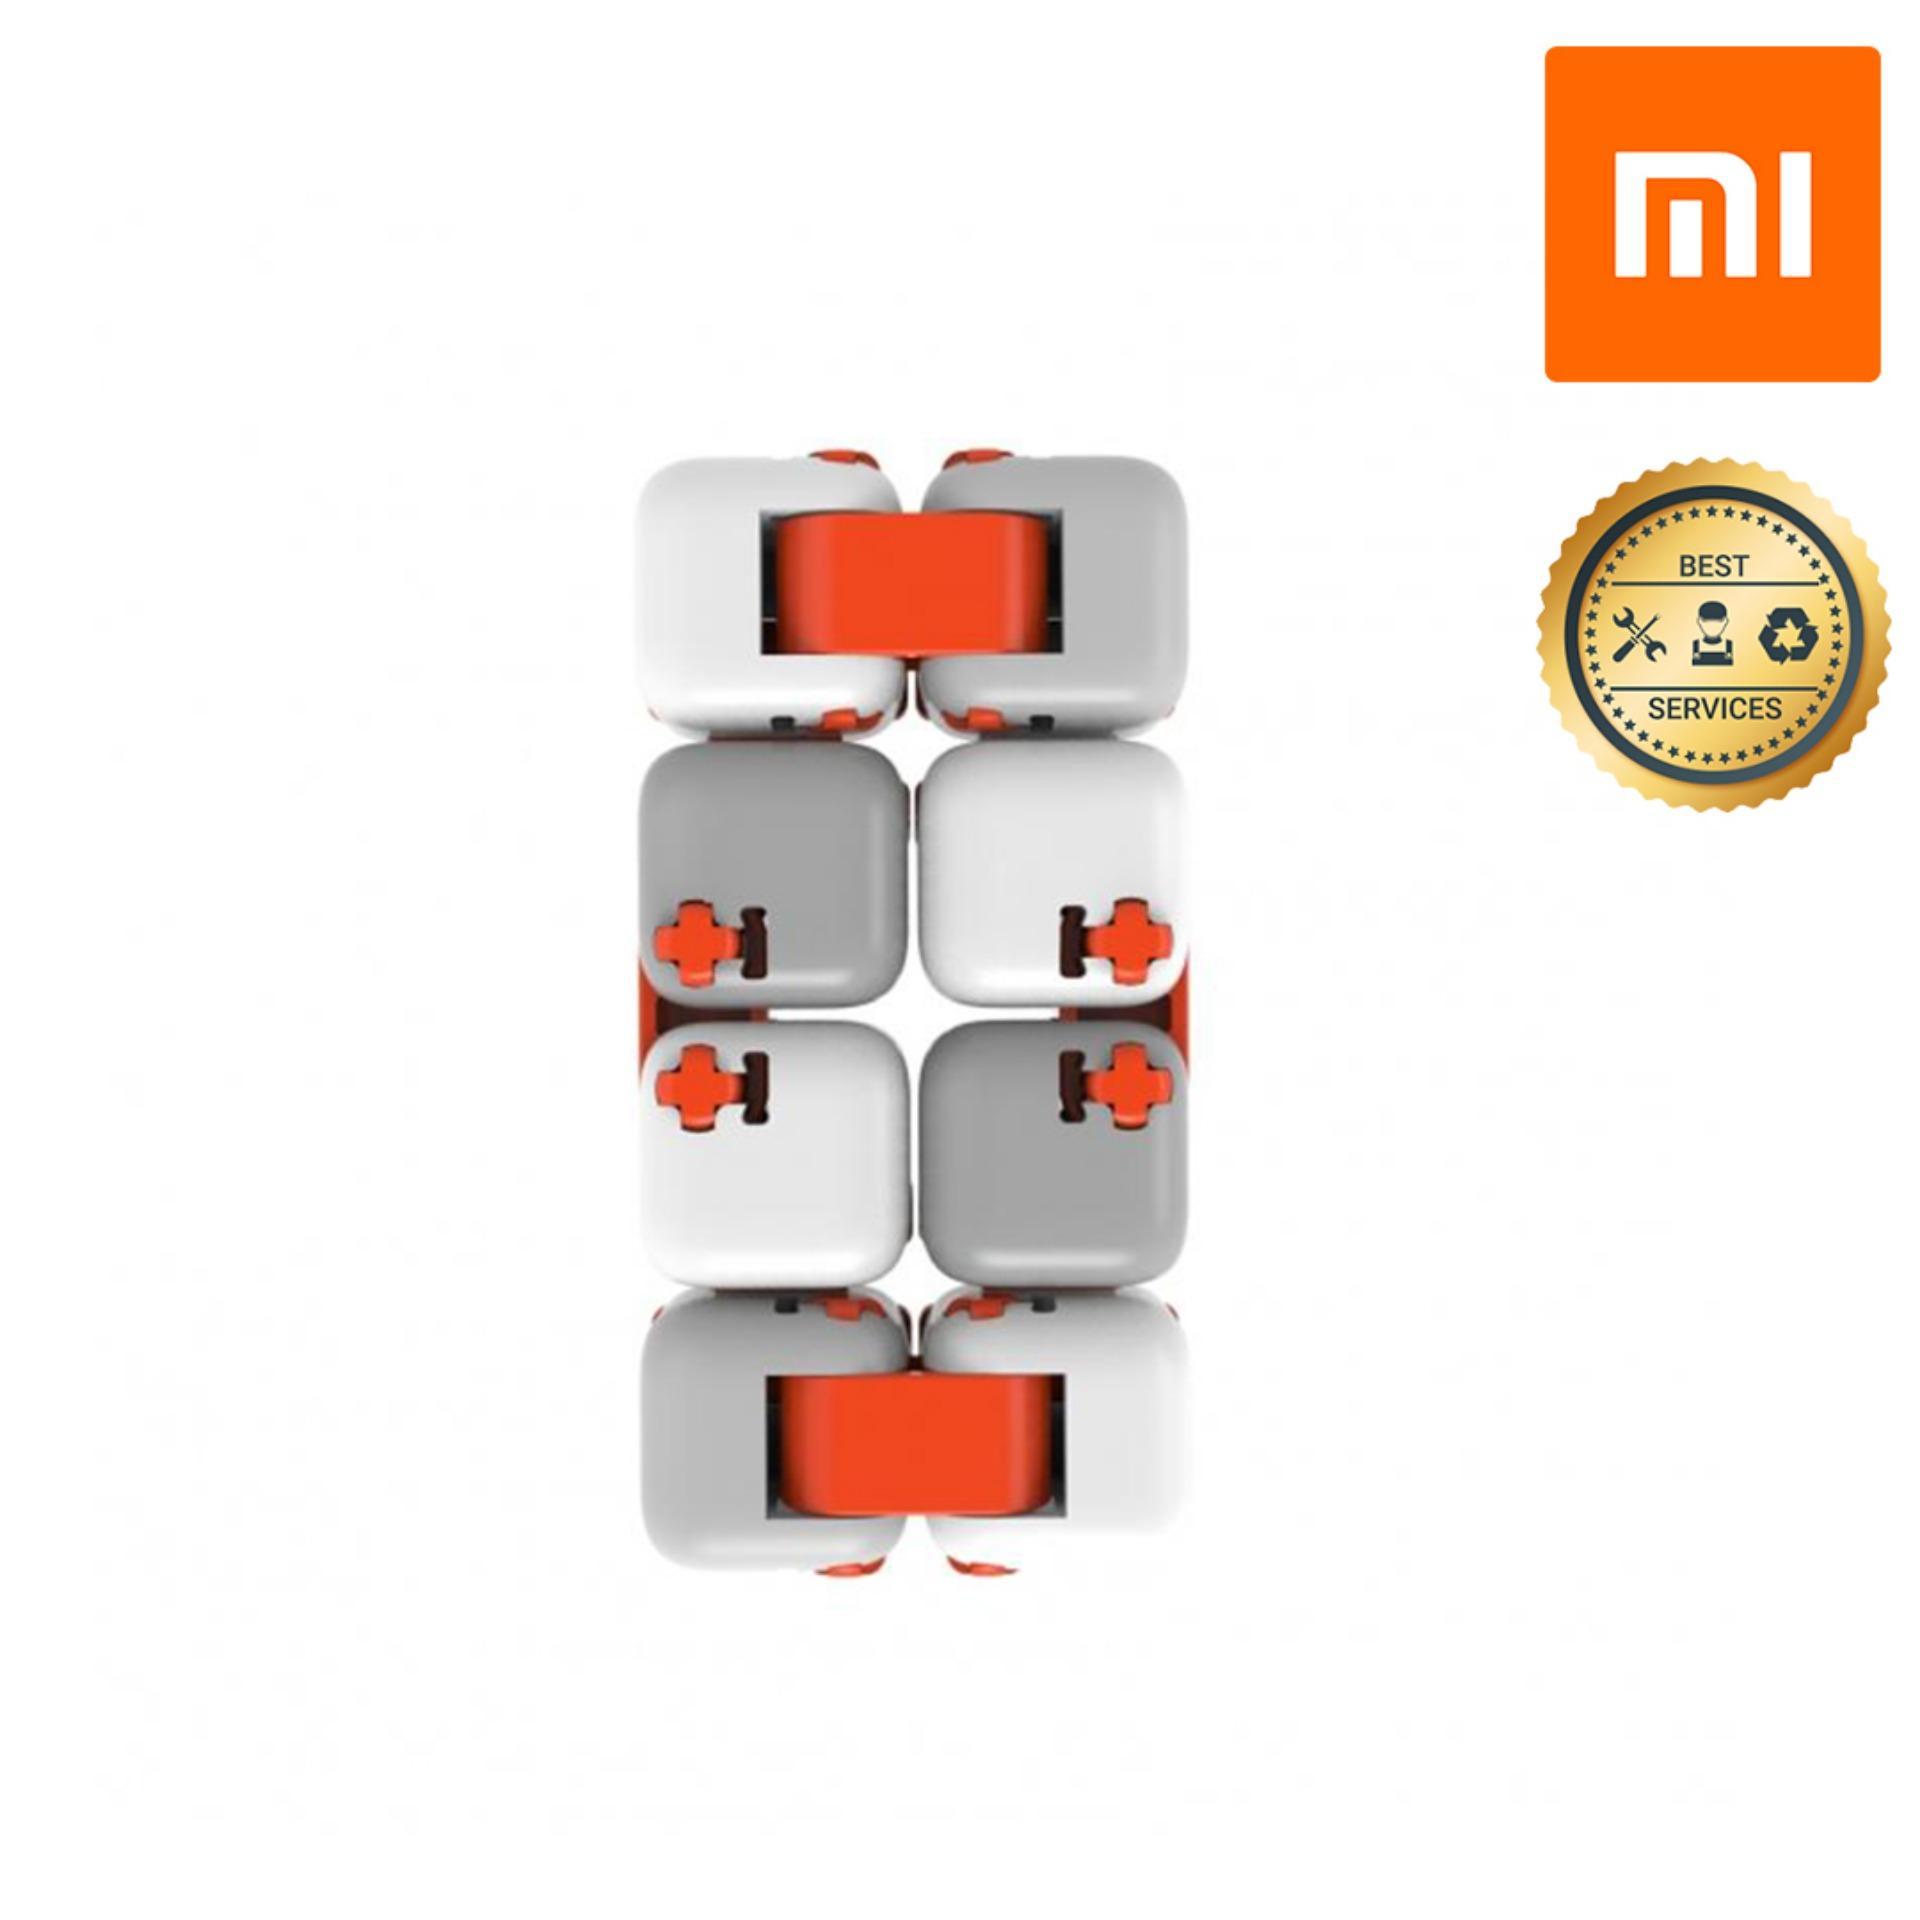 Đồ Chơi Giảm Stress Xiaomi Cube Đang Trong Dịp Khuyến Mãi